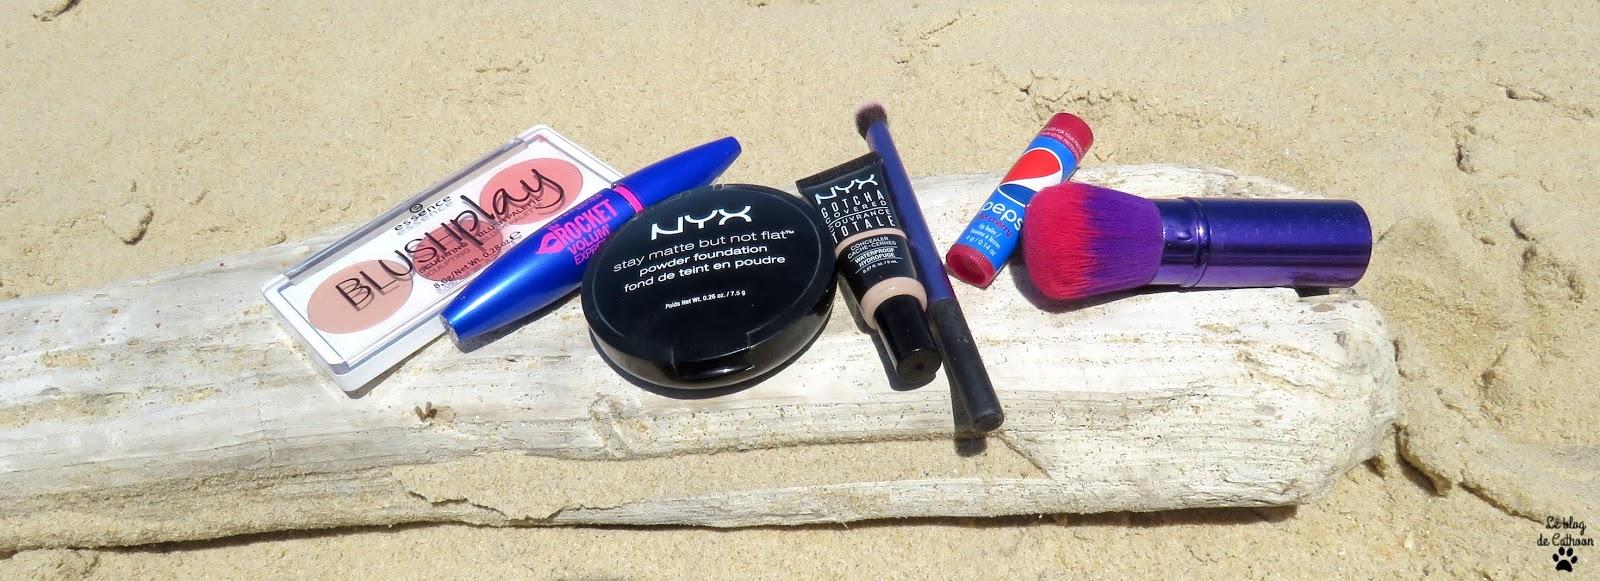 Le maquillage minimaliste pour voyager